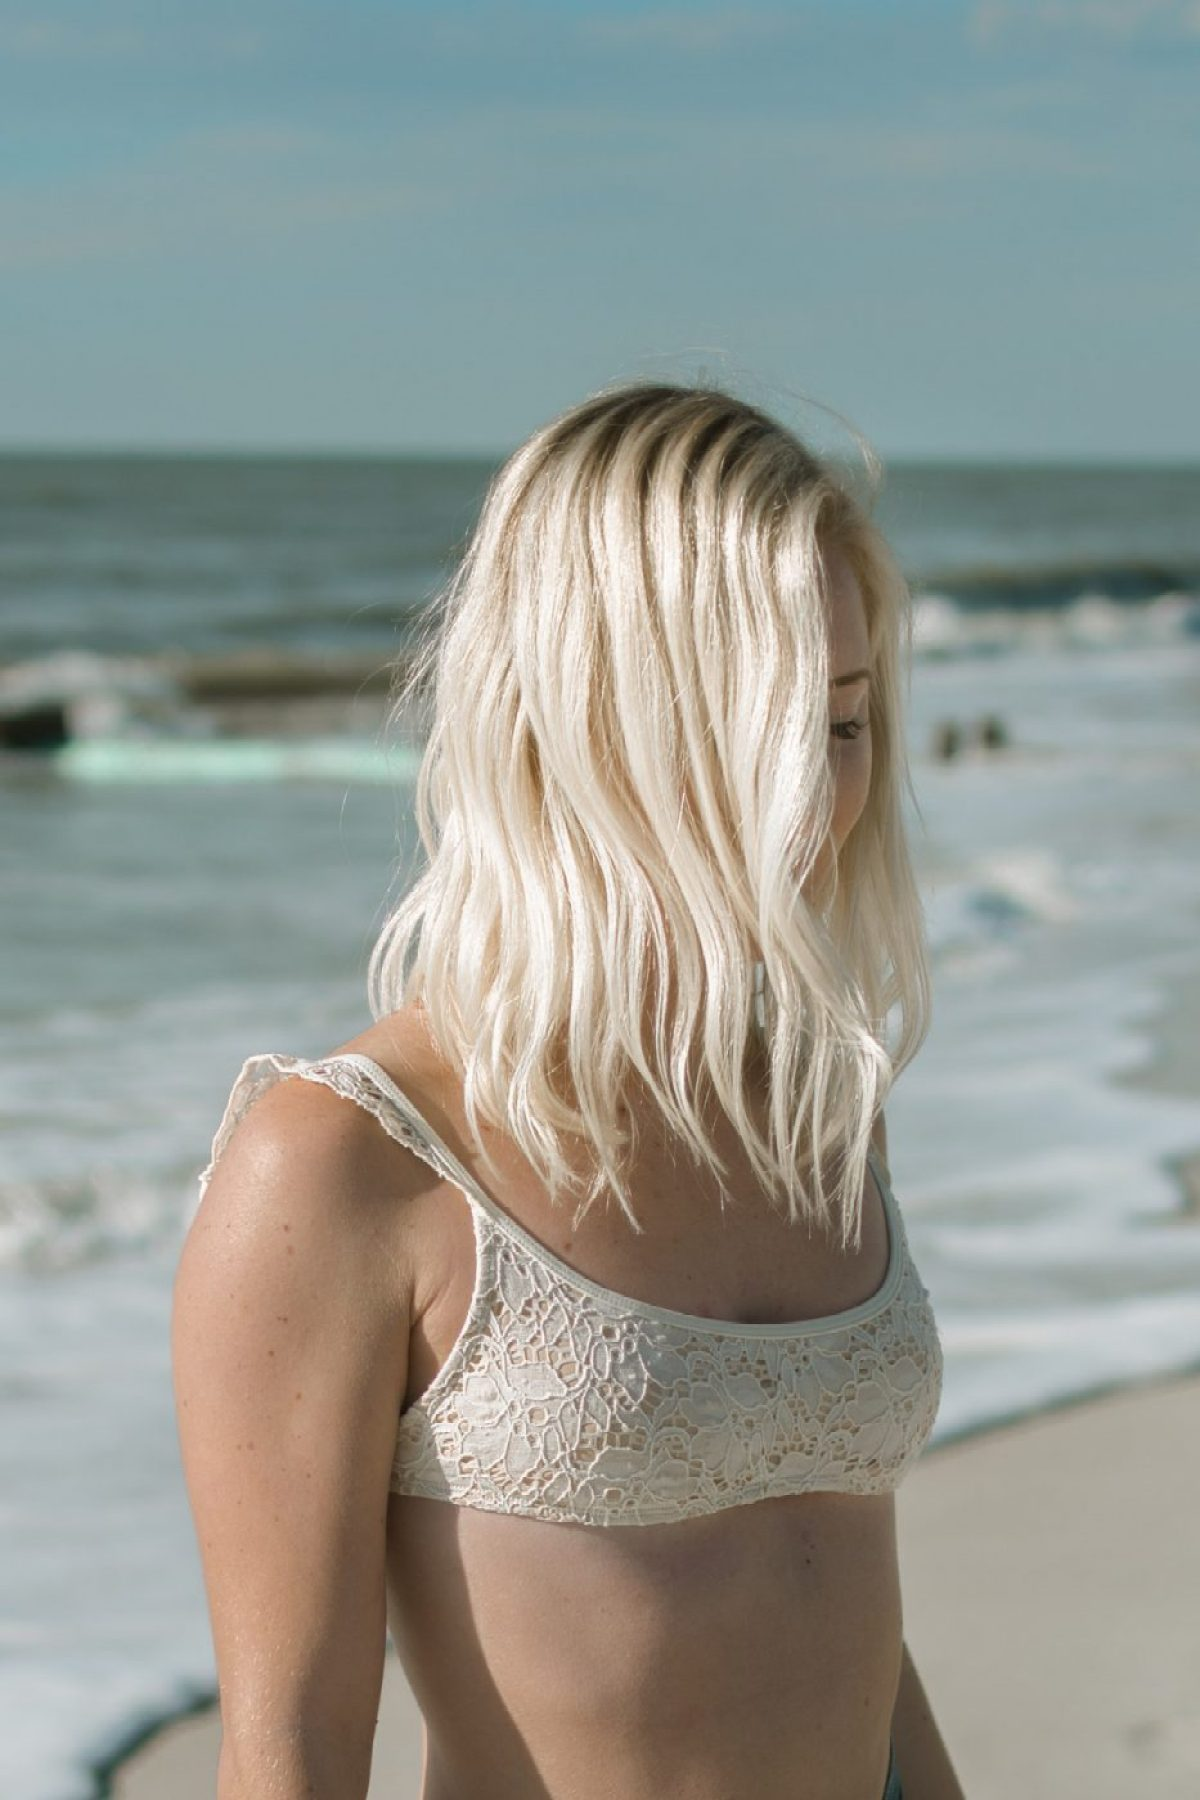 Featured Brands: Mermaid Perfume - Sweet Teal